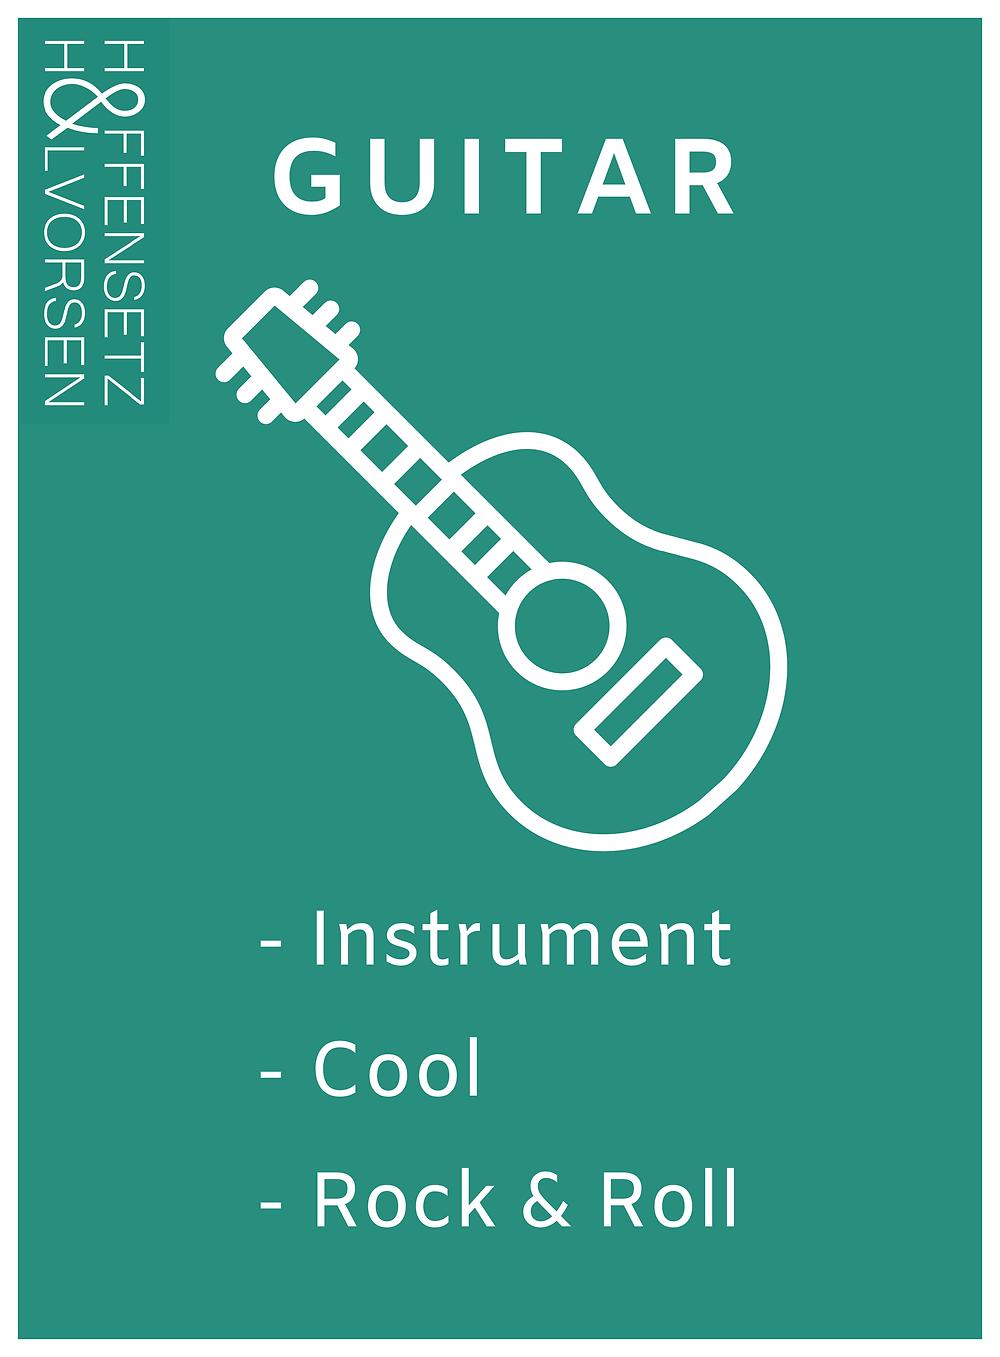 Inspirationskort af en rockguitar til brug i arbejdslystworkshops og andre kreative sammenhænge